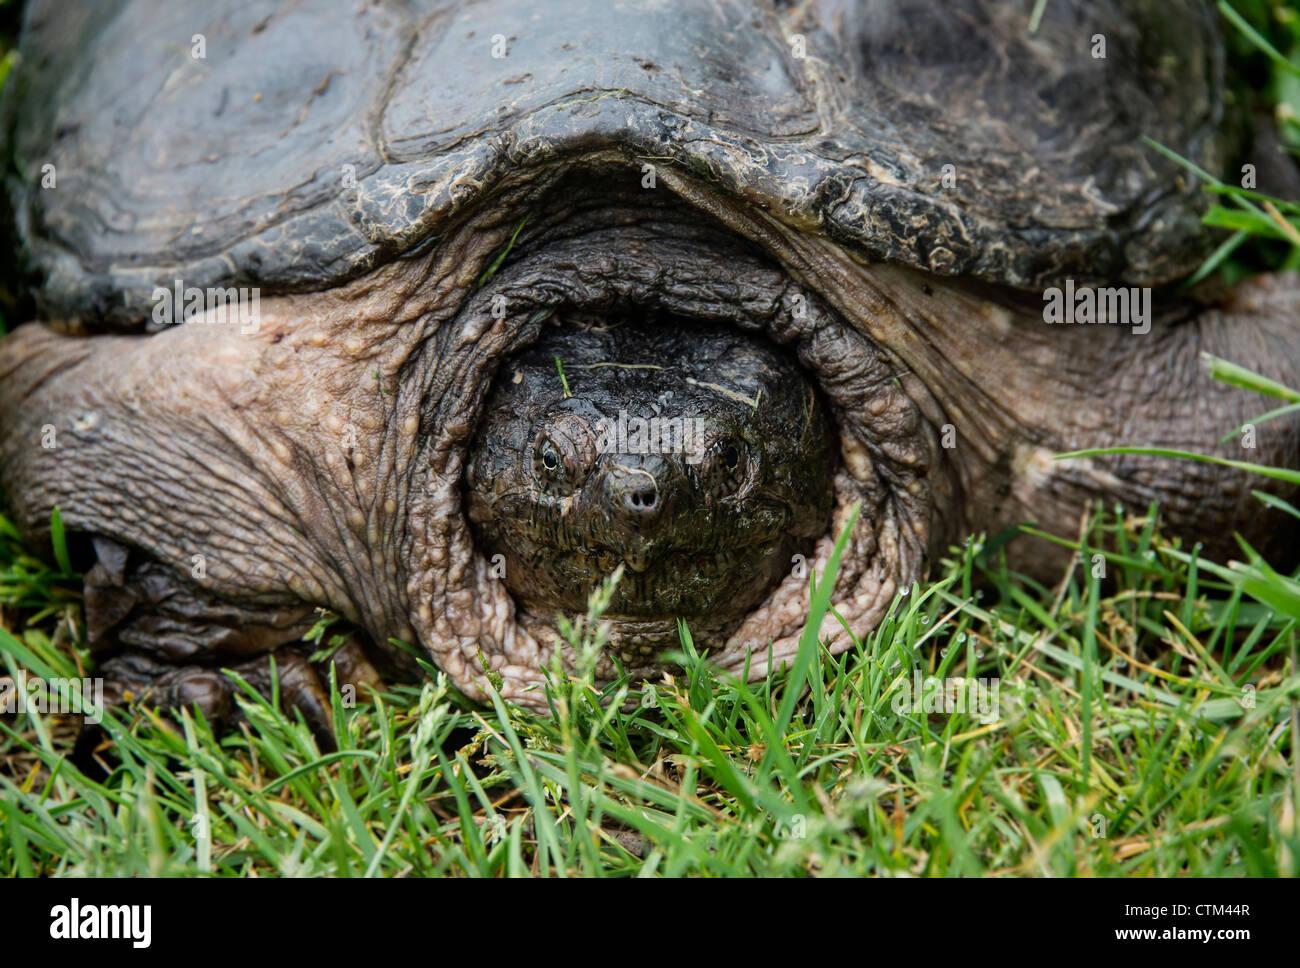 Large turtle - Stock Image